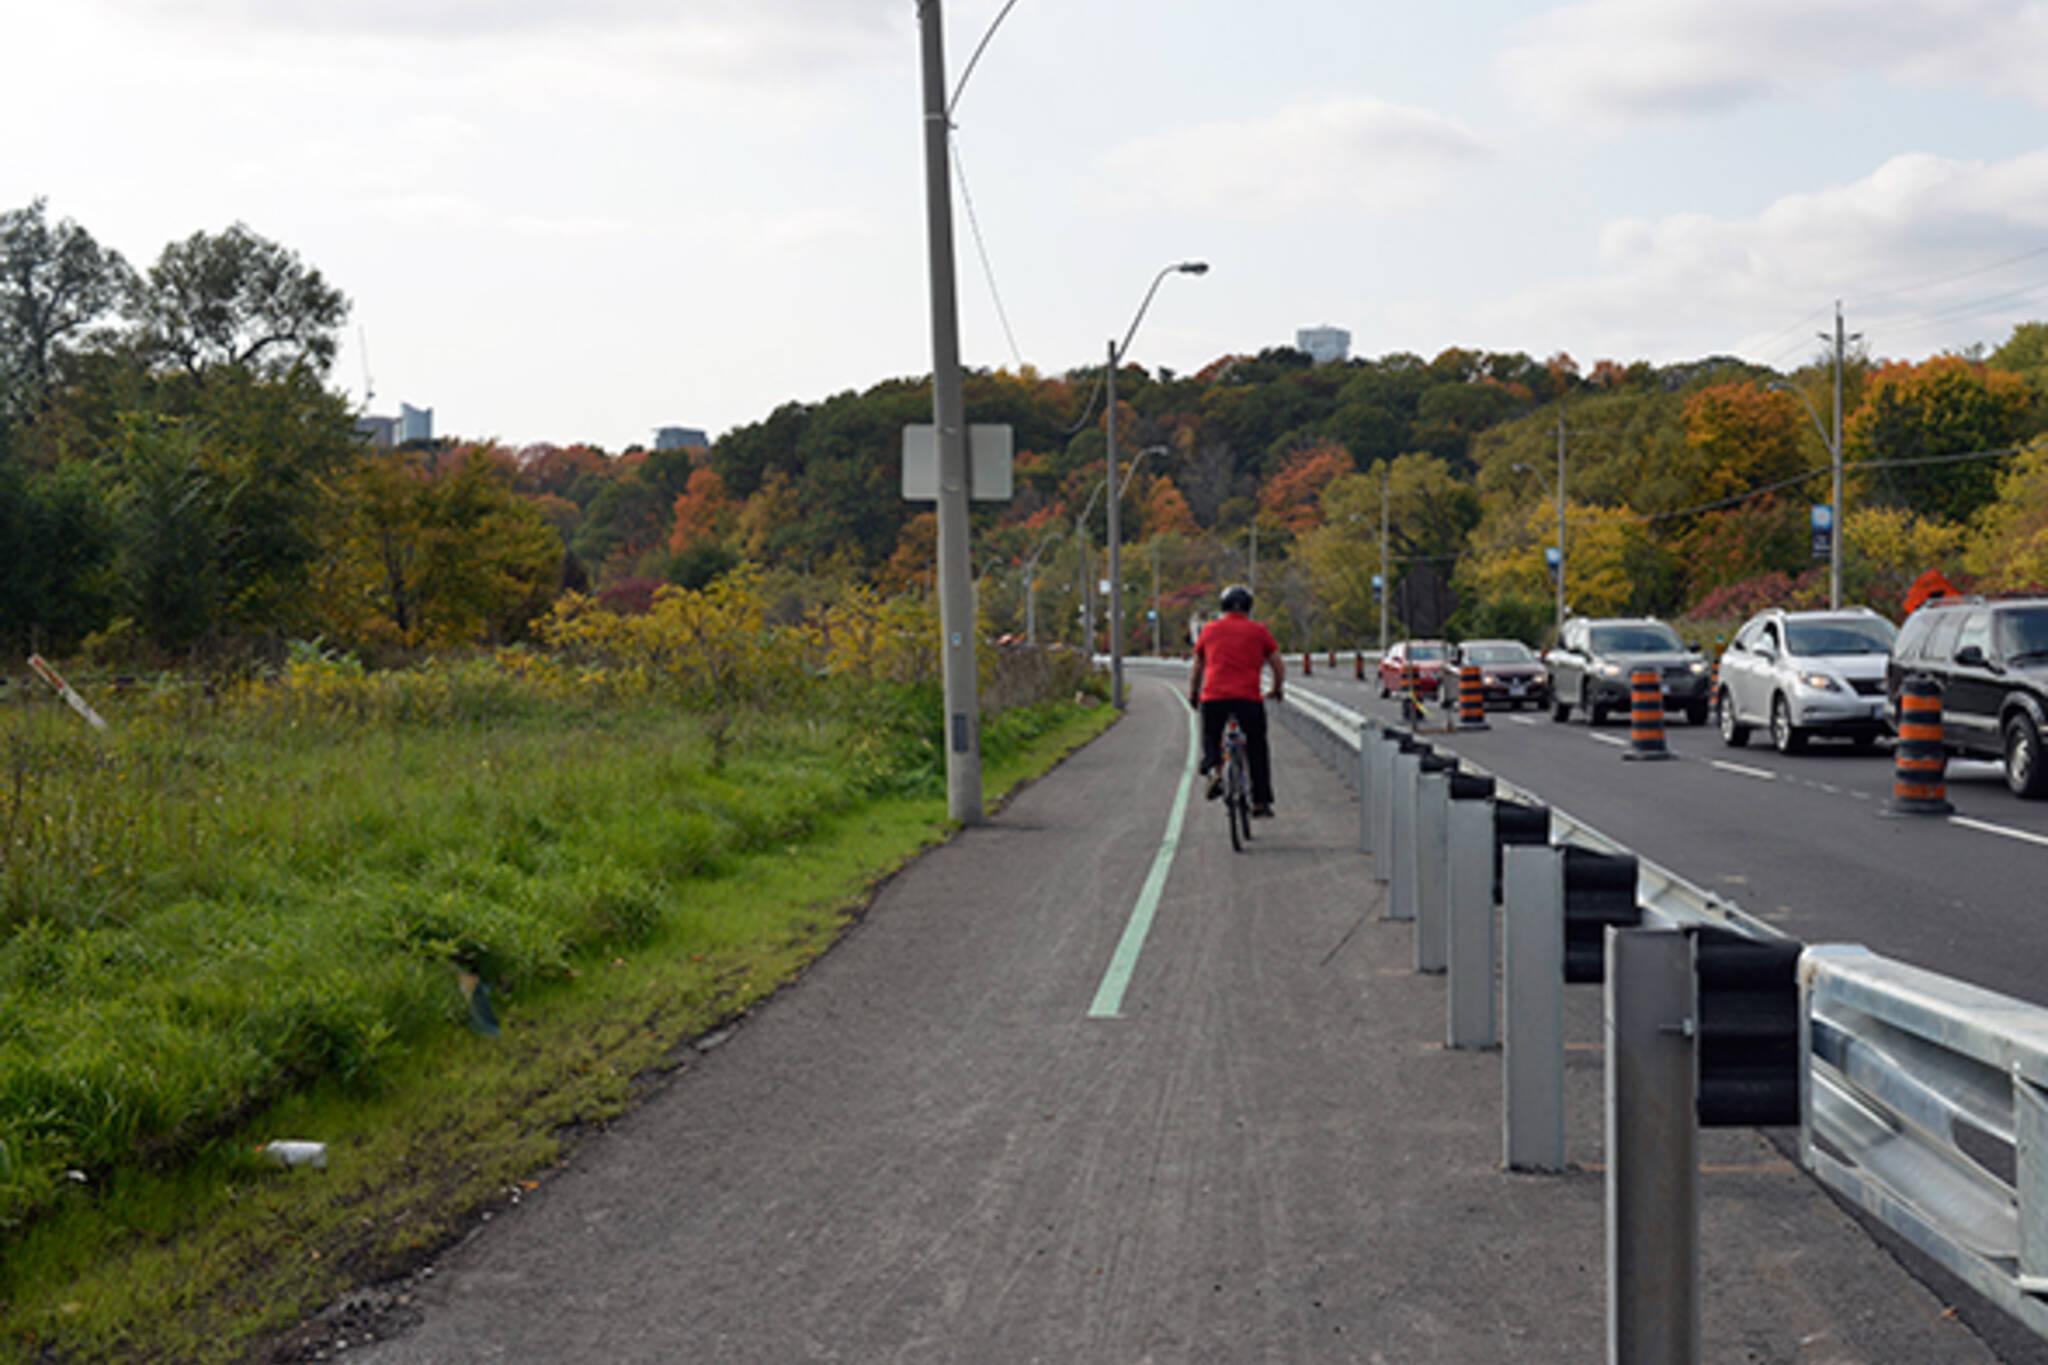 bayview bike lane path